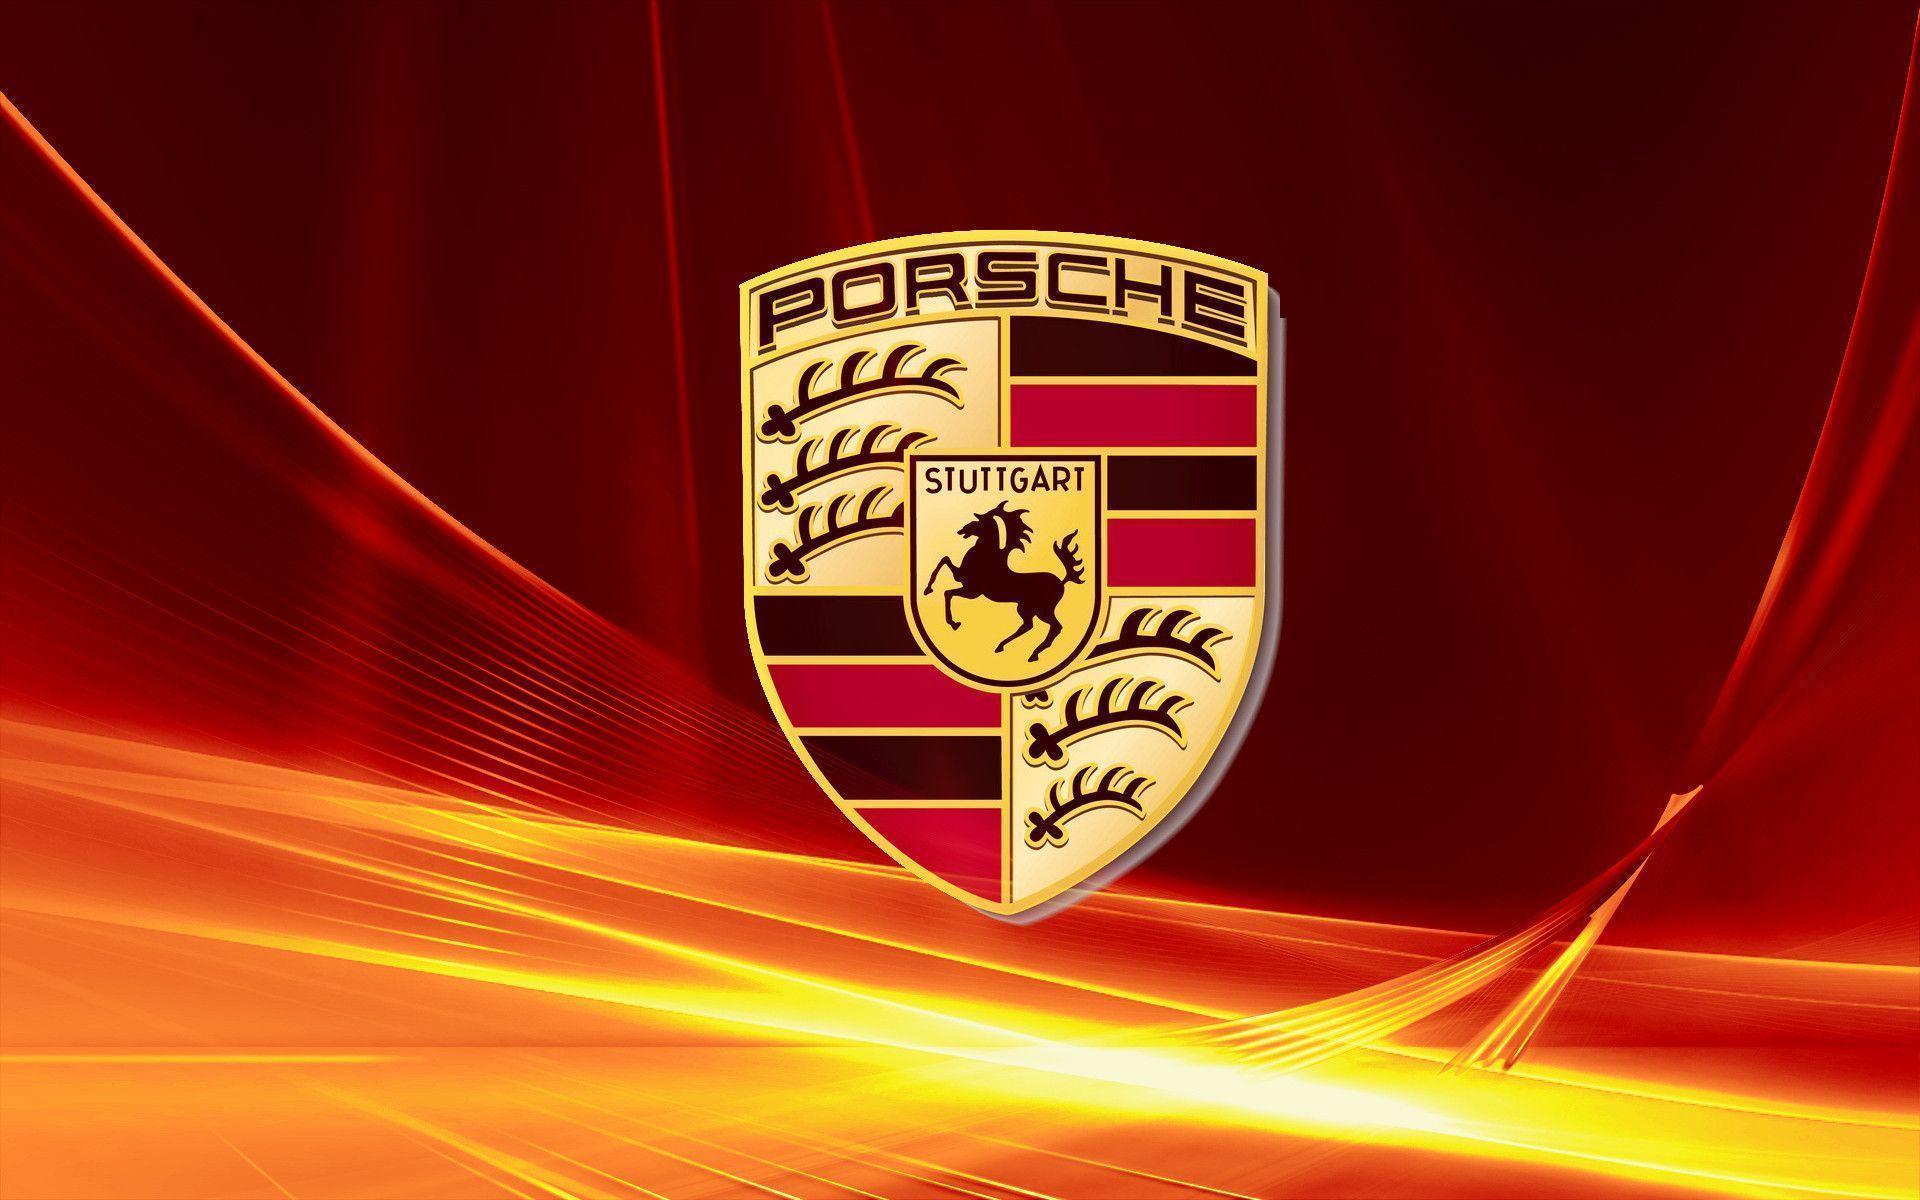 Porsche Logo Wallpapers - Full HD wallpaper search